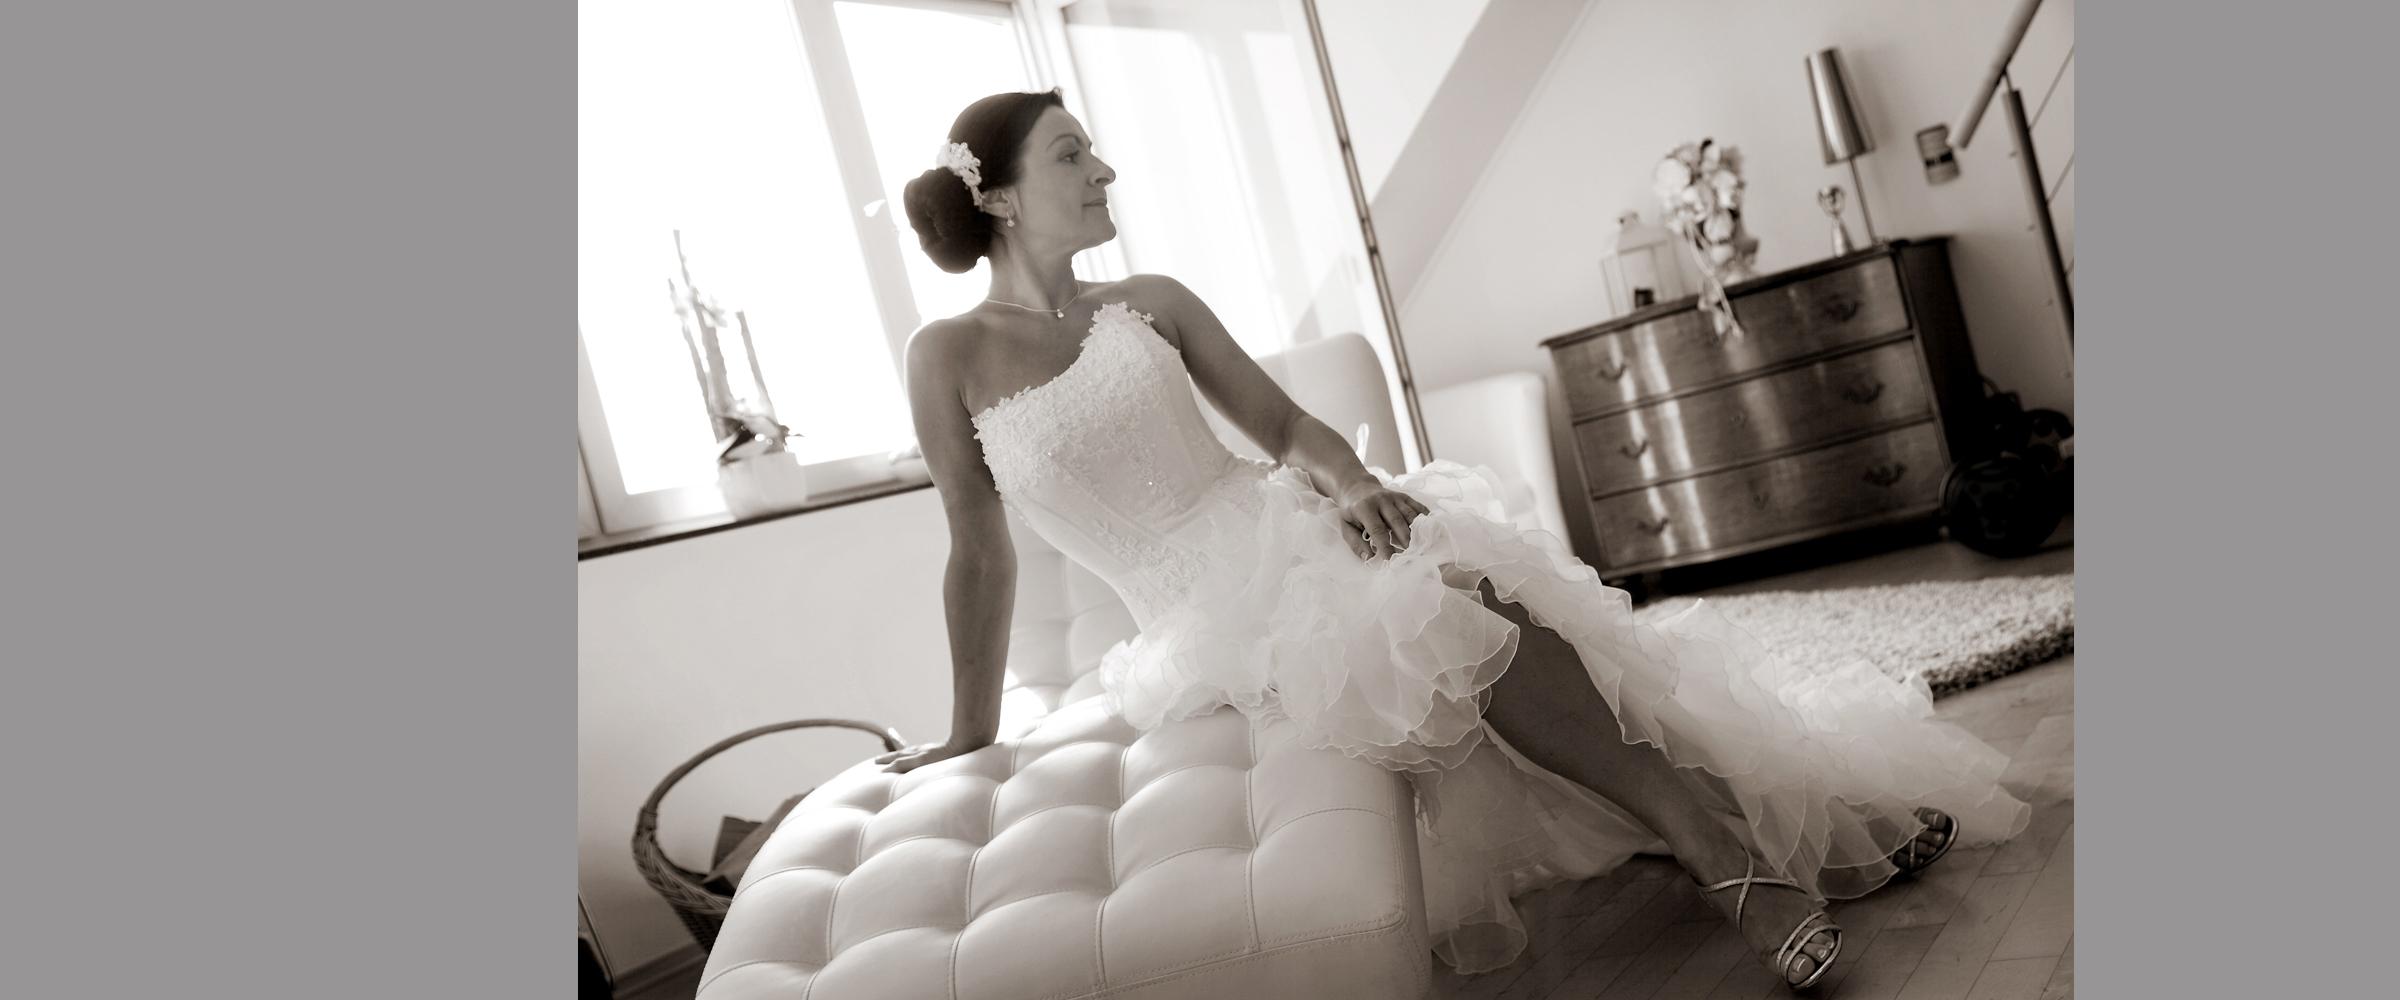 Schwarz-weißes Hochzeitsportrait einer Frau im weißen Brautkleid, die seitlich auf einer weißen Liege sitzt und zur Seite blickend posiert.